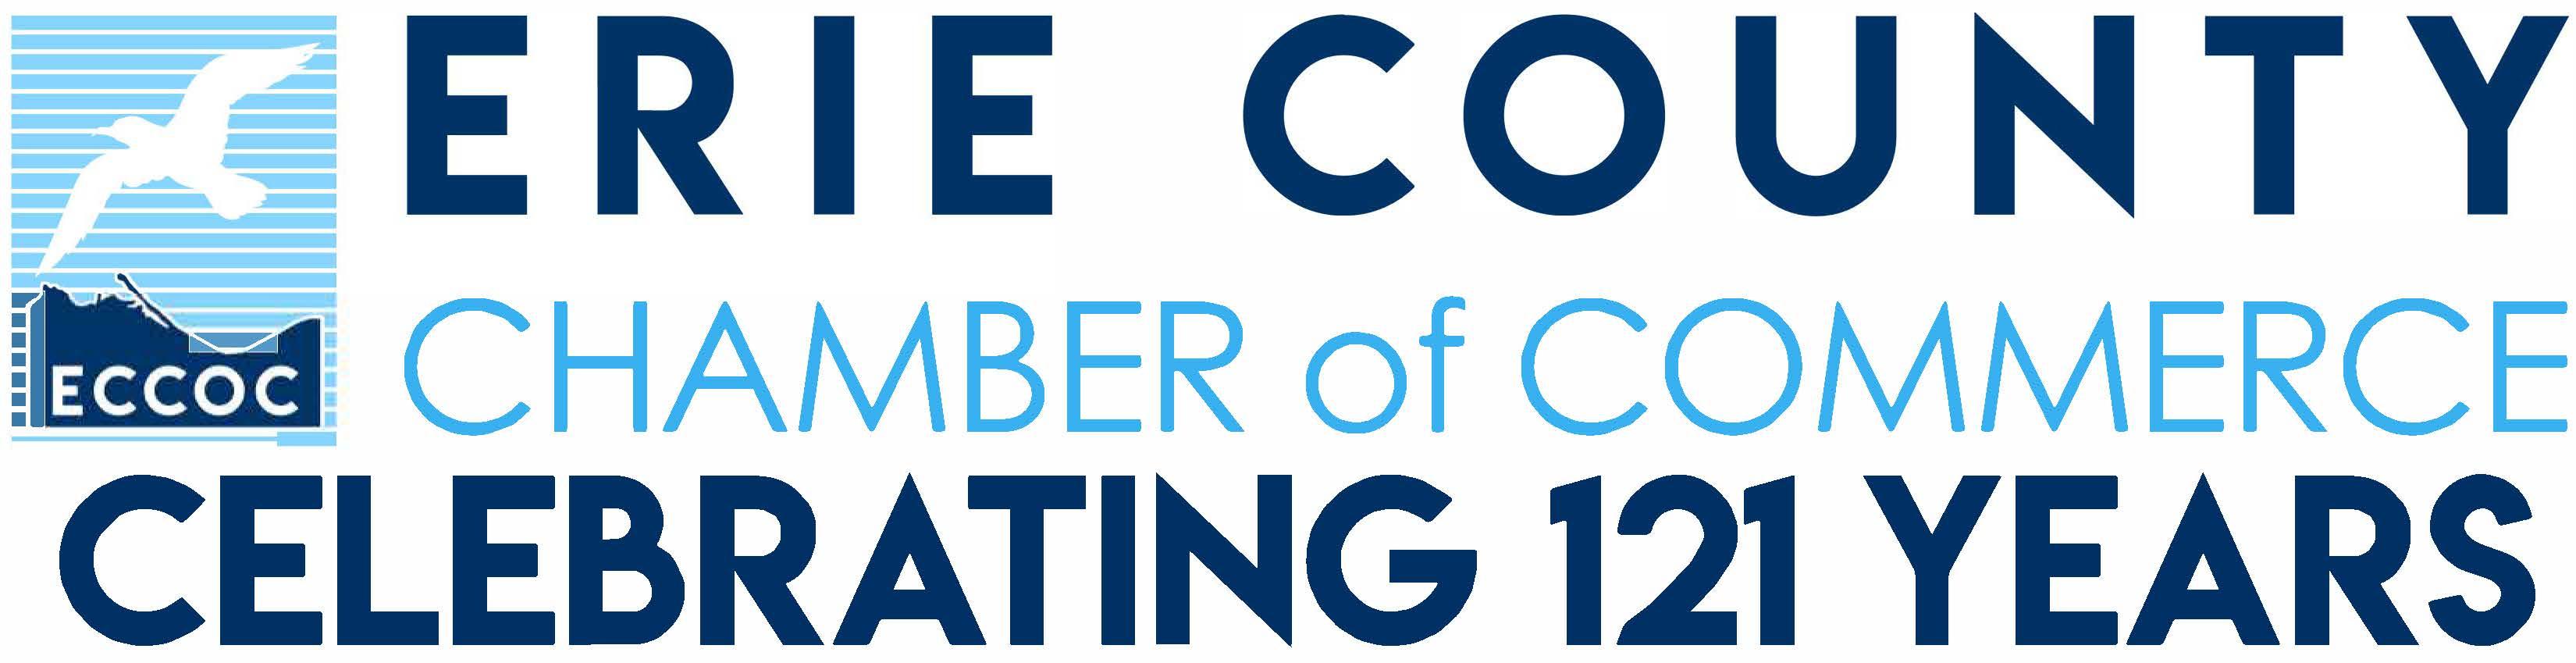 Celebrating 121 Years